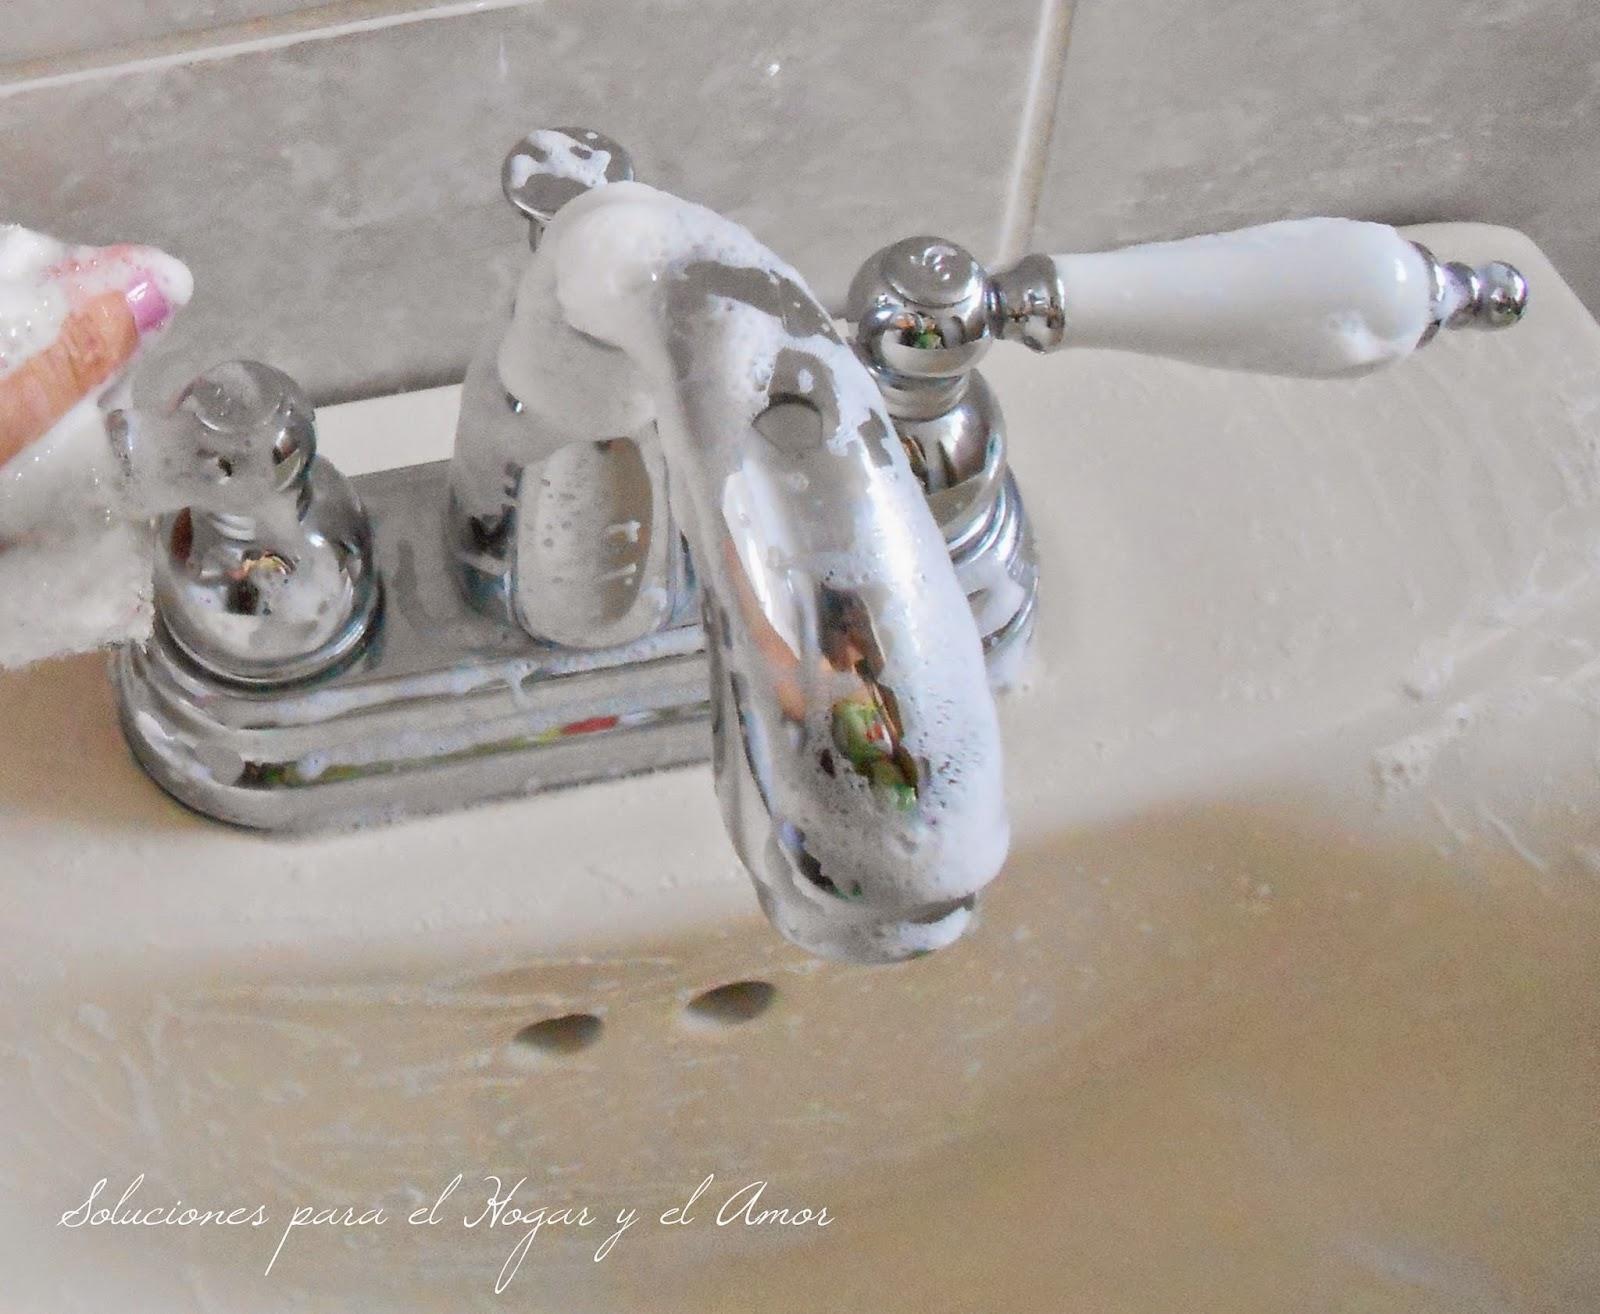 Como limpiar el baño, como limpiar lavamanos facil